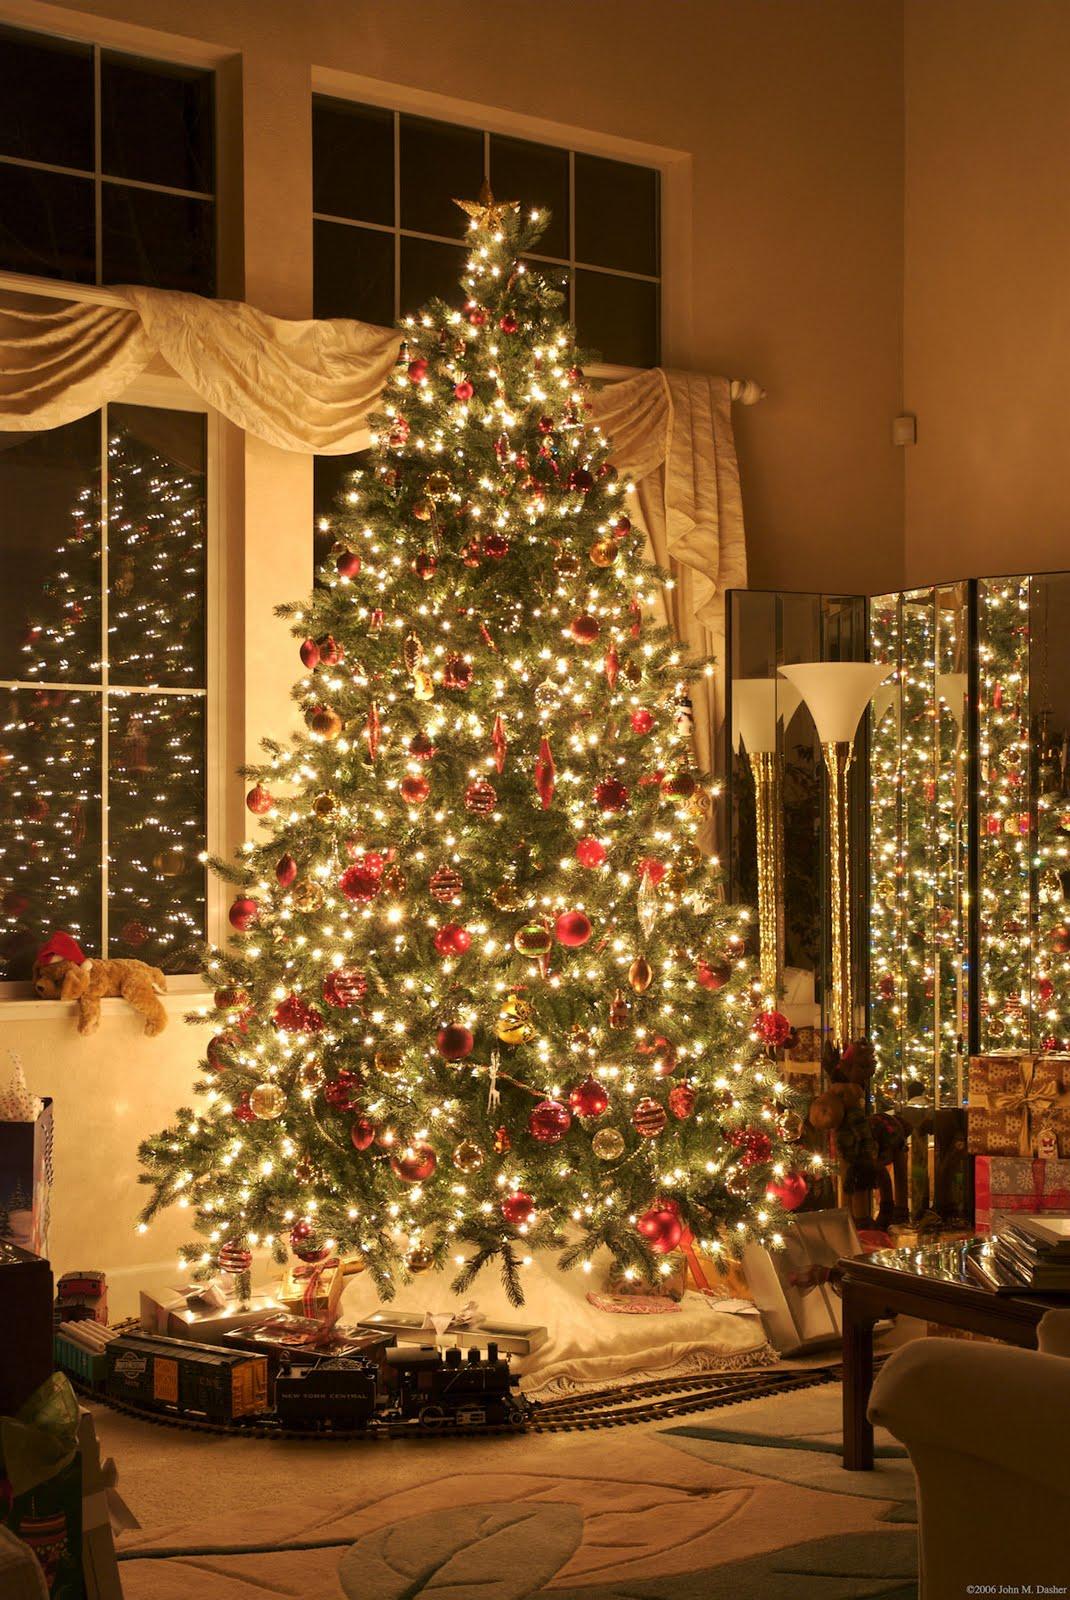 Banco de im genes especial de fin de a o fotos de - Ver arboles de navidad ...